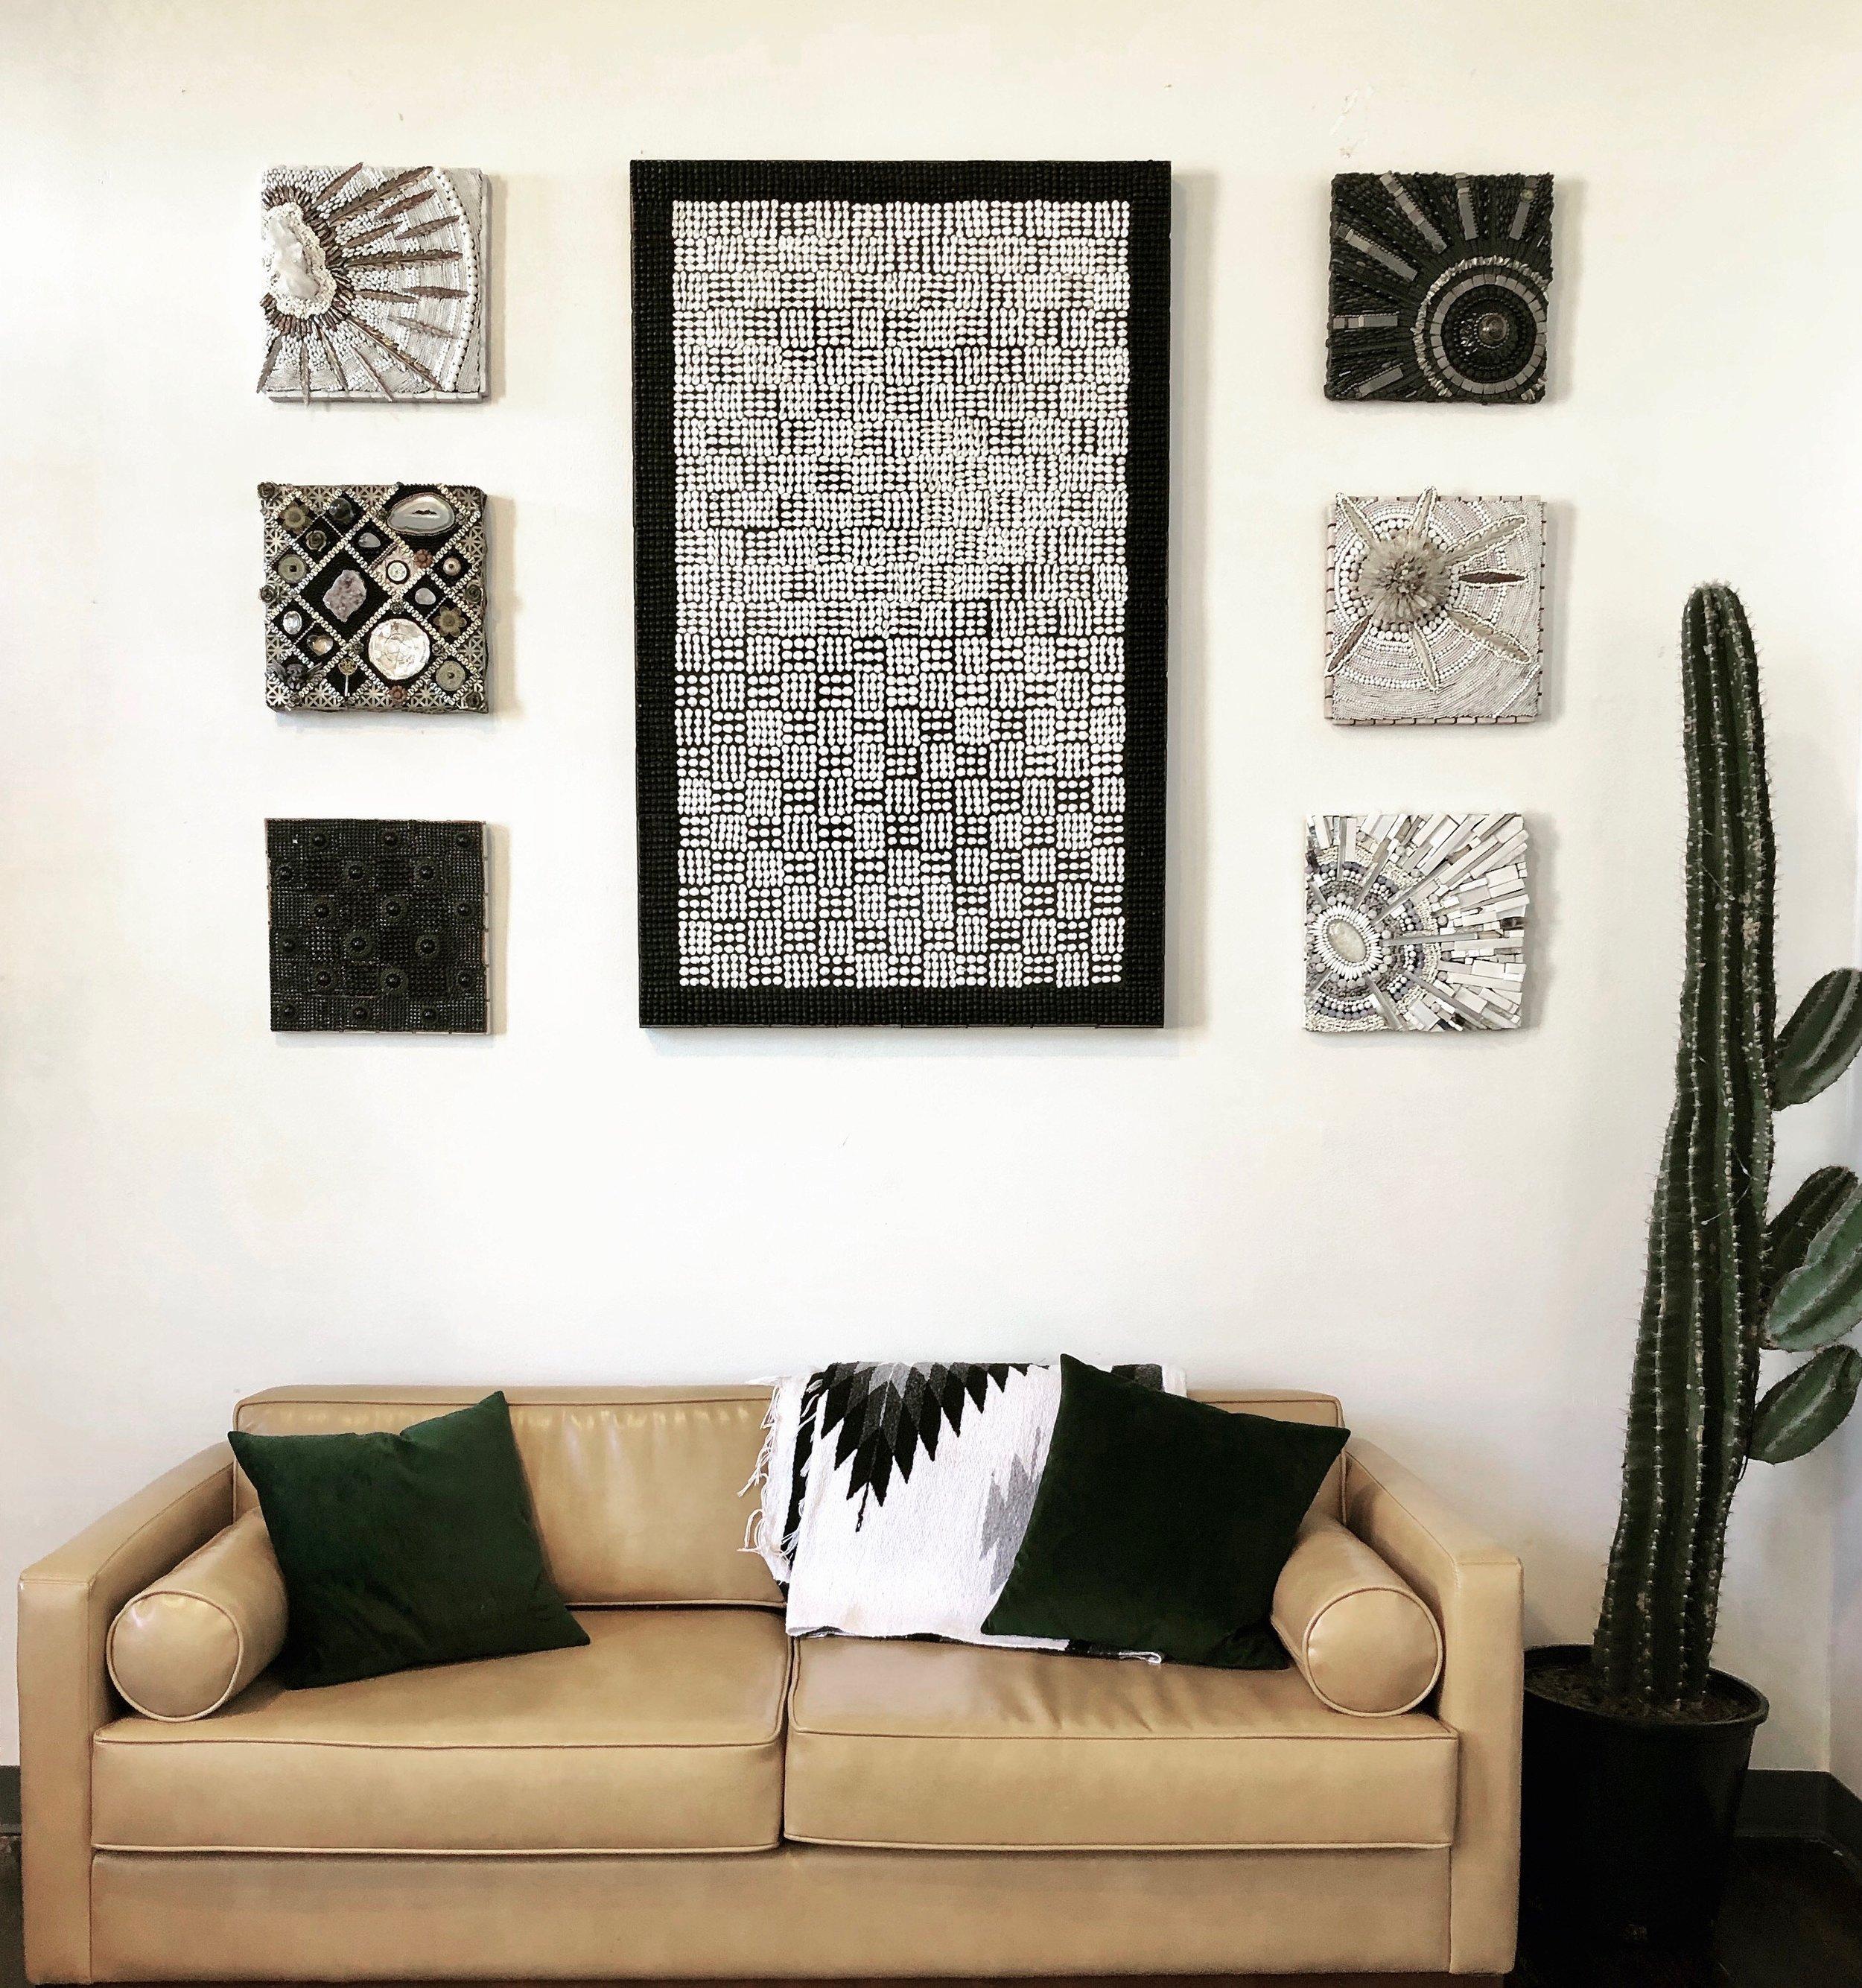 SOLO SHOW - Second Nature Salon & Gallery